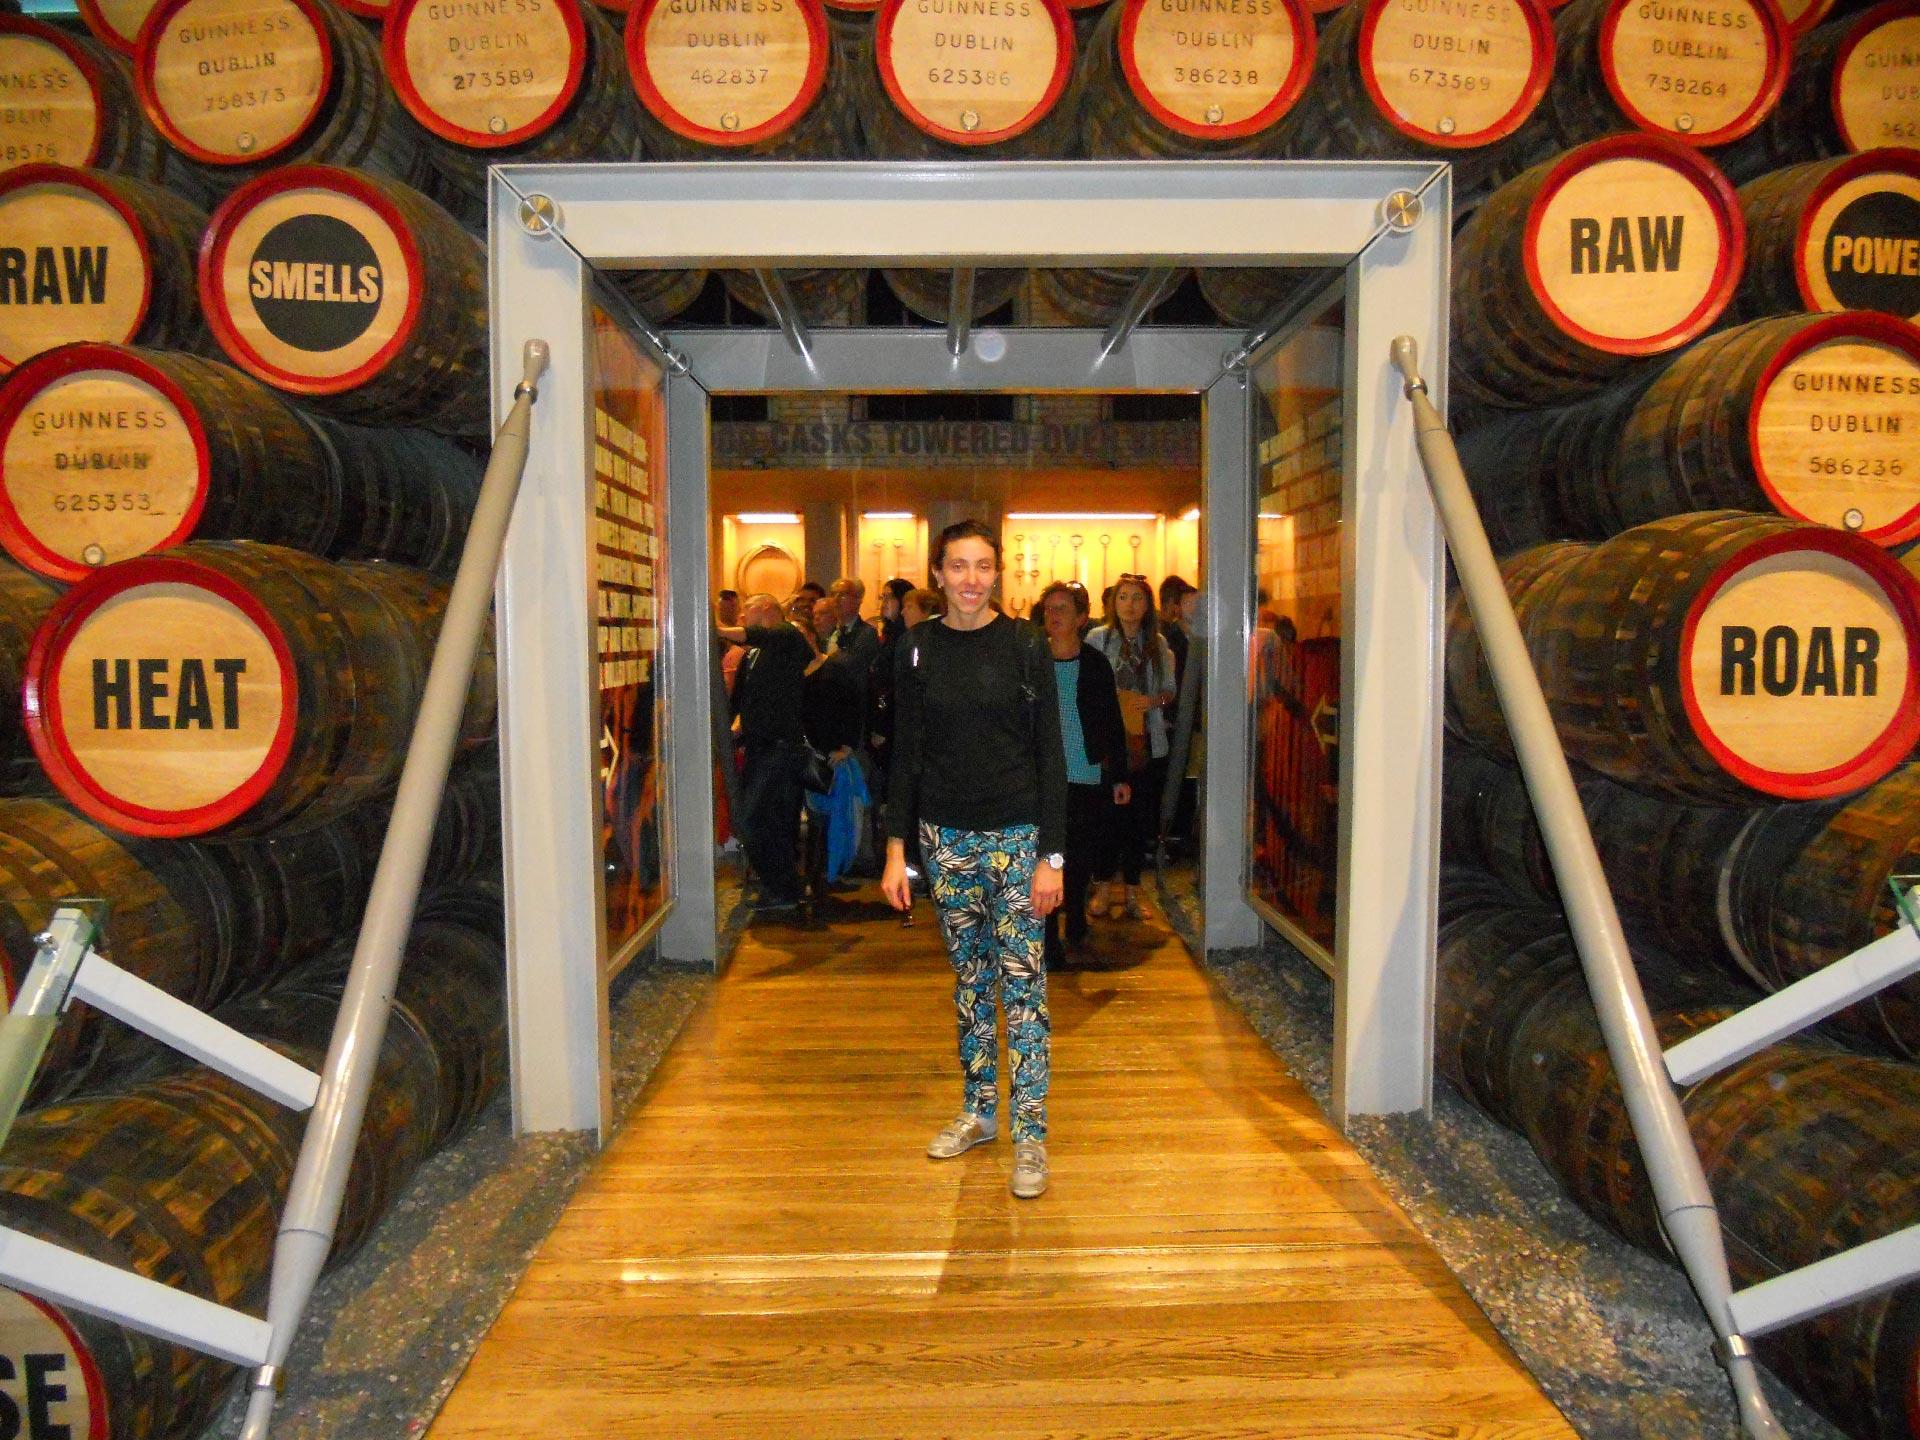 Gli interni della Guinness Storehouse